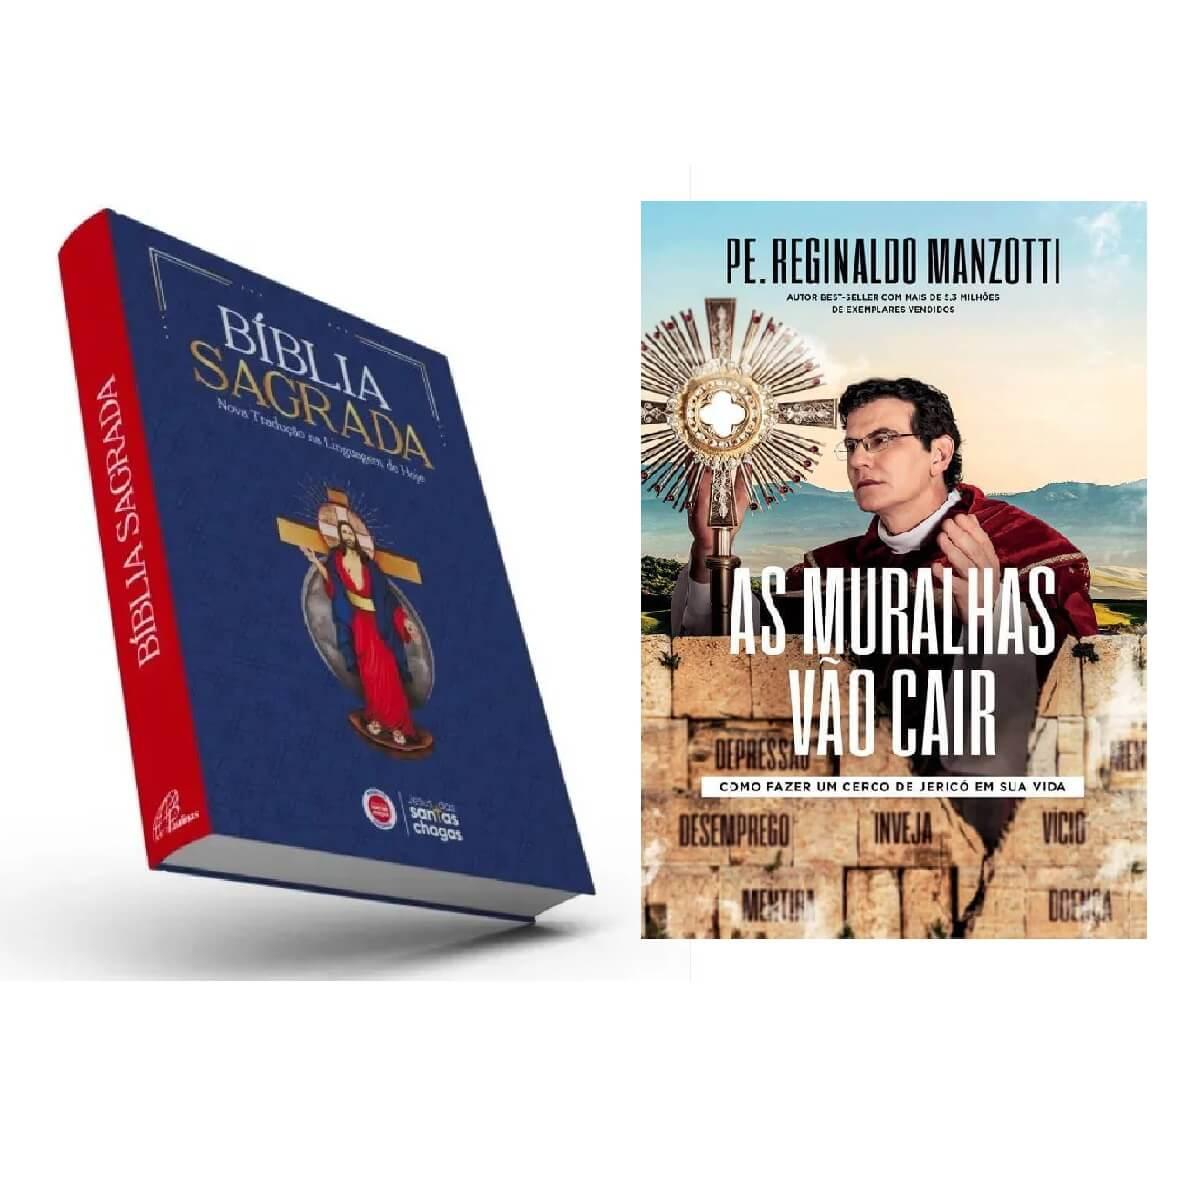 KIT LIVRO AS MURALHAS VÃO CAIR E BÍBLIA SAGRADA SANTAS CHAGAS - PADRE REGINALDO MANZOTTI